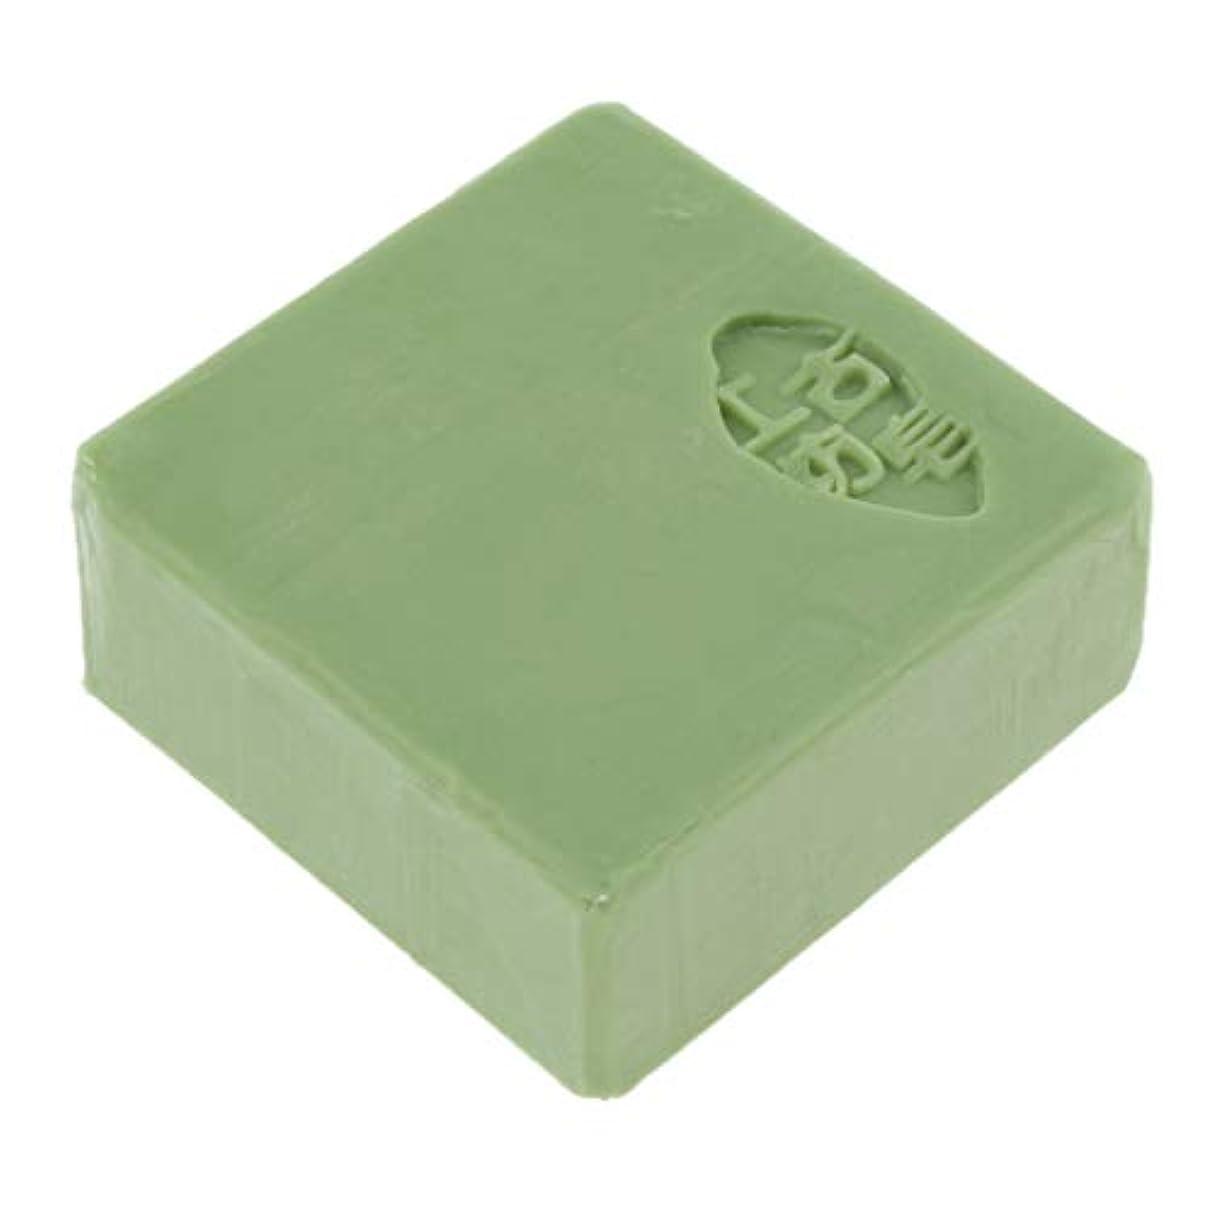 ジャーナルネックレット忠誠ボディ フェイスソープ バス スキンケア 保湿 肌守り 全3色 - 緑